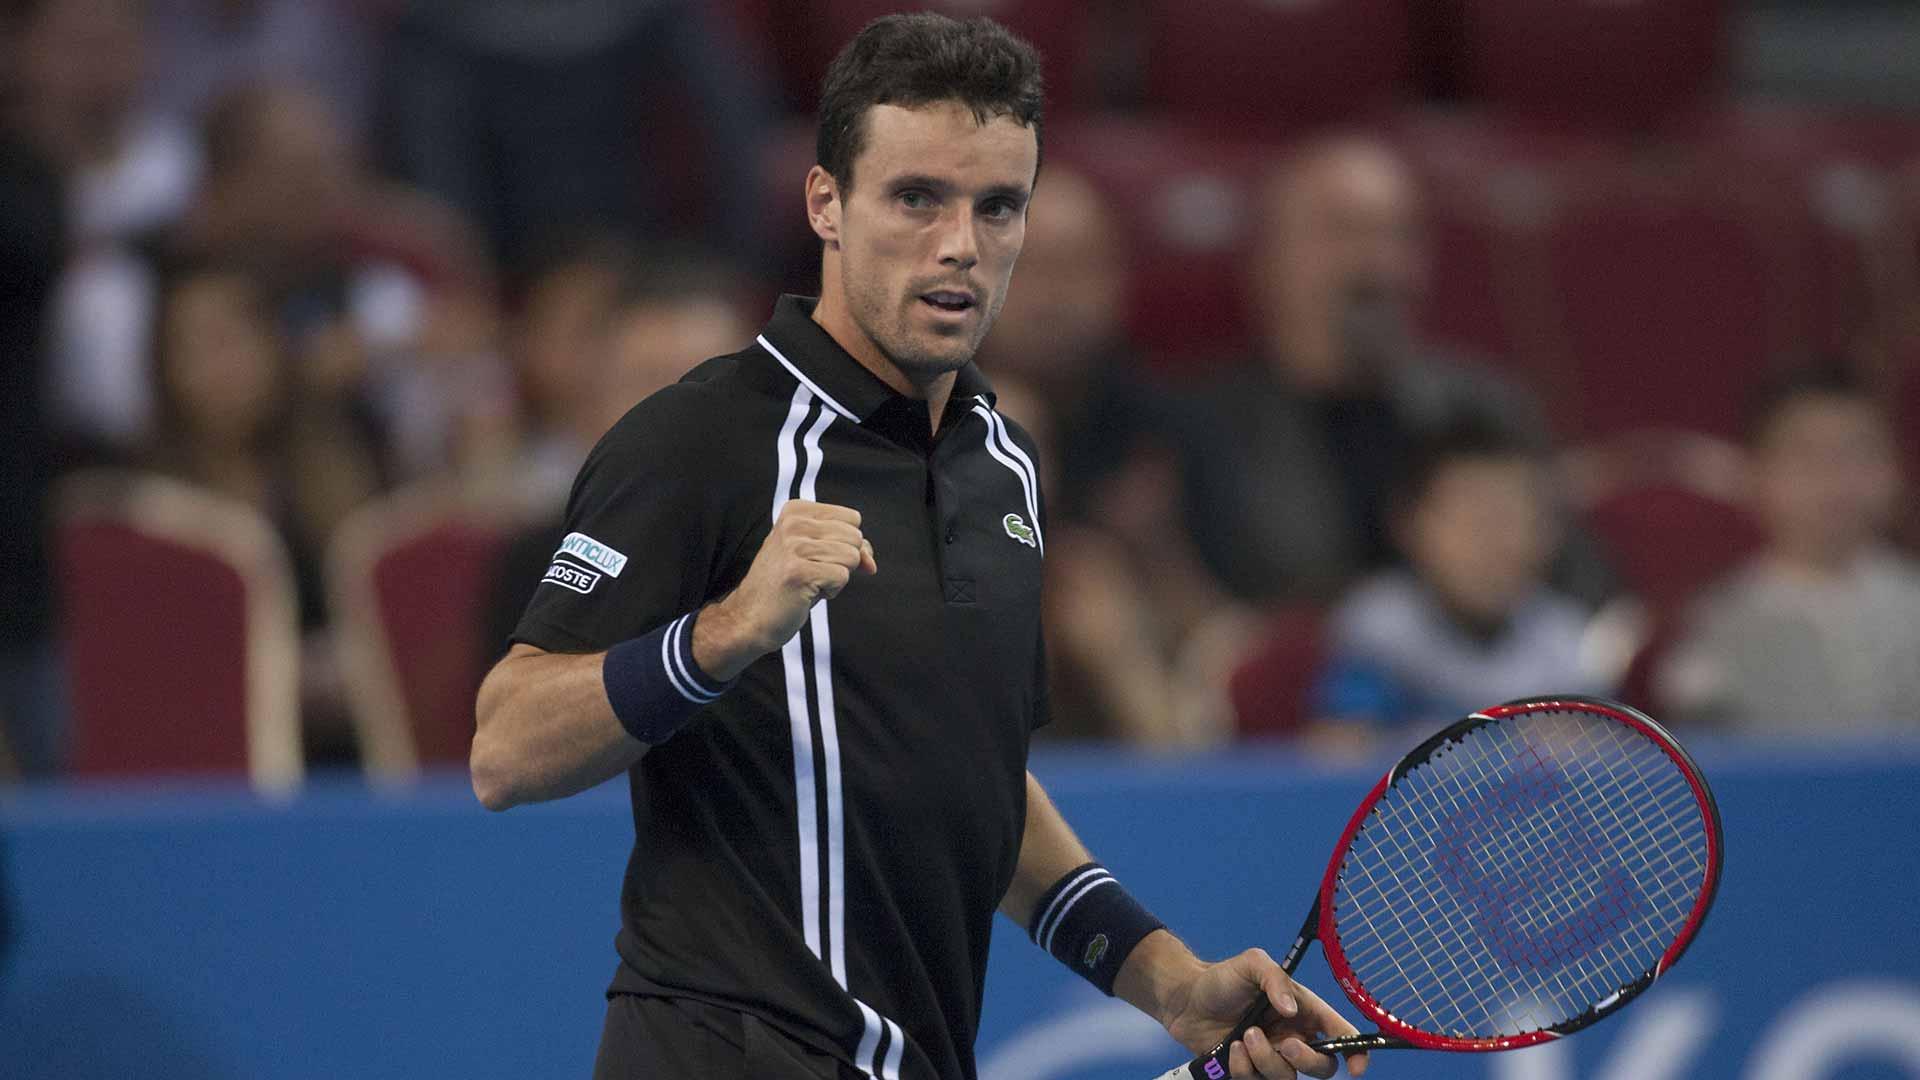 Roberto Bautista, cel mai bine cotat jucător din echipa de Cupa Davis a Spaniei, locul 15 ATP.